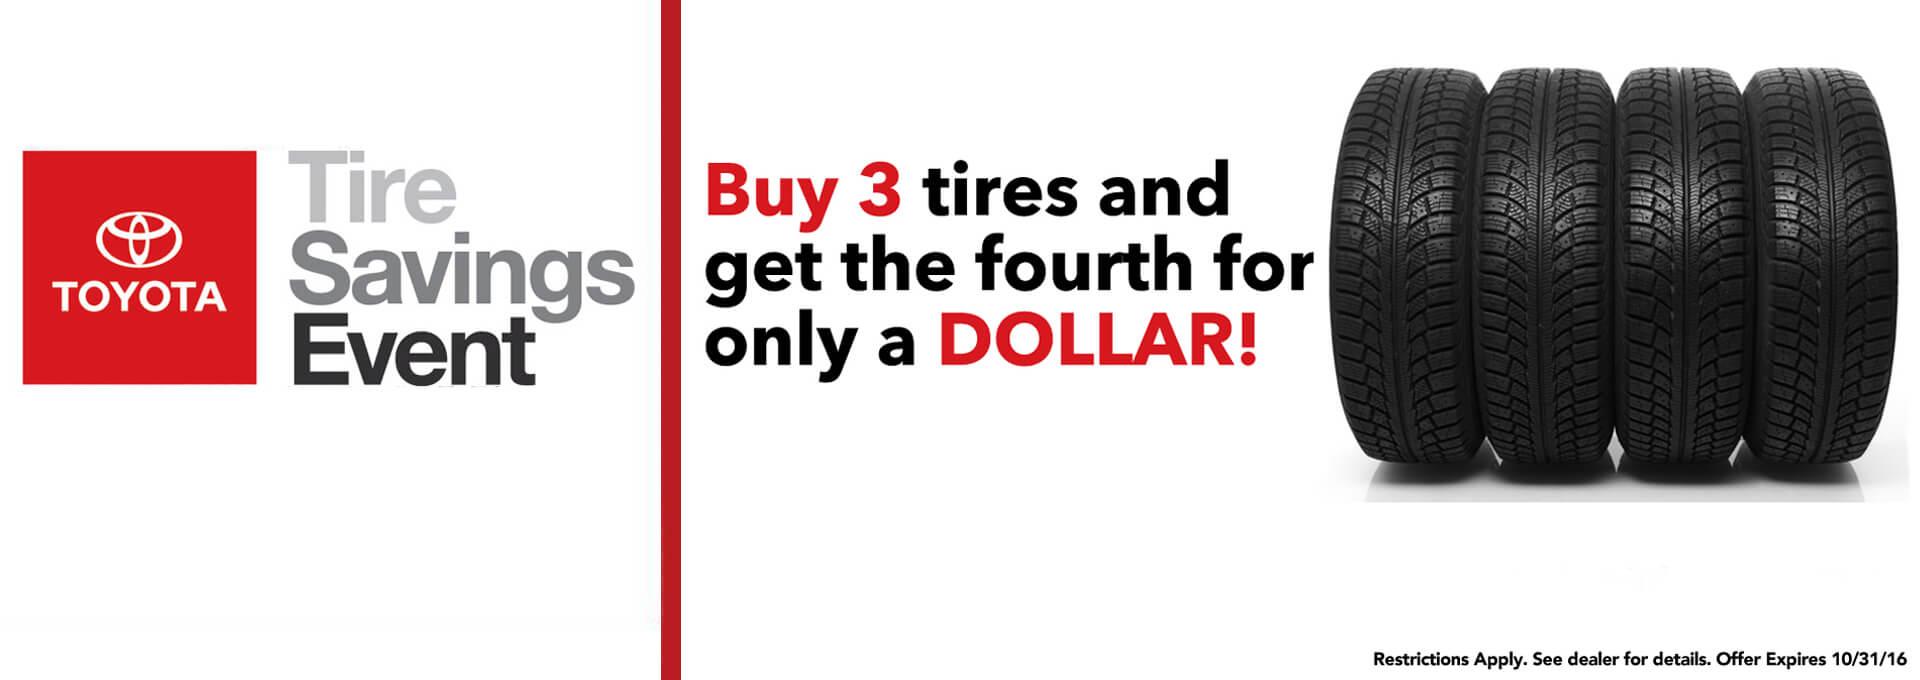 Tire's 3